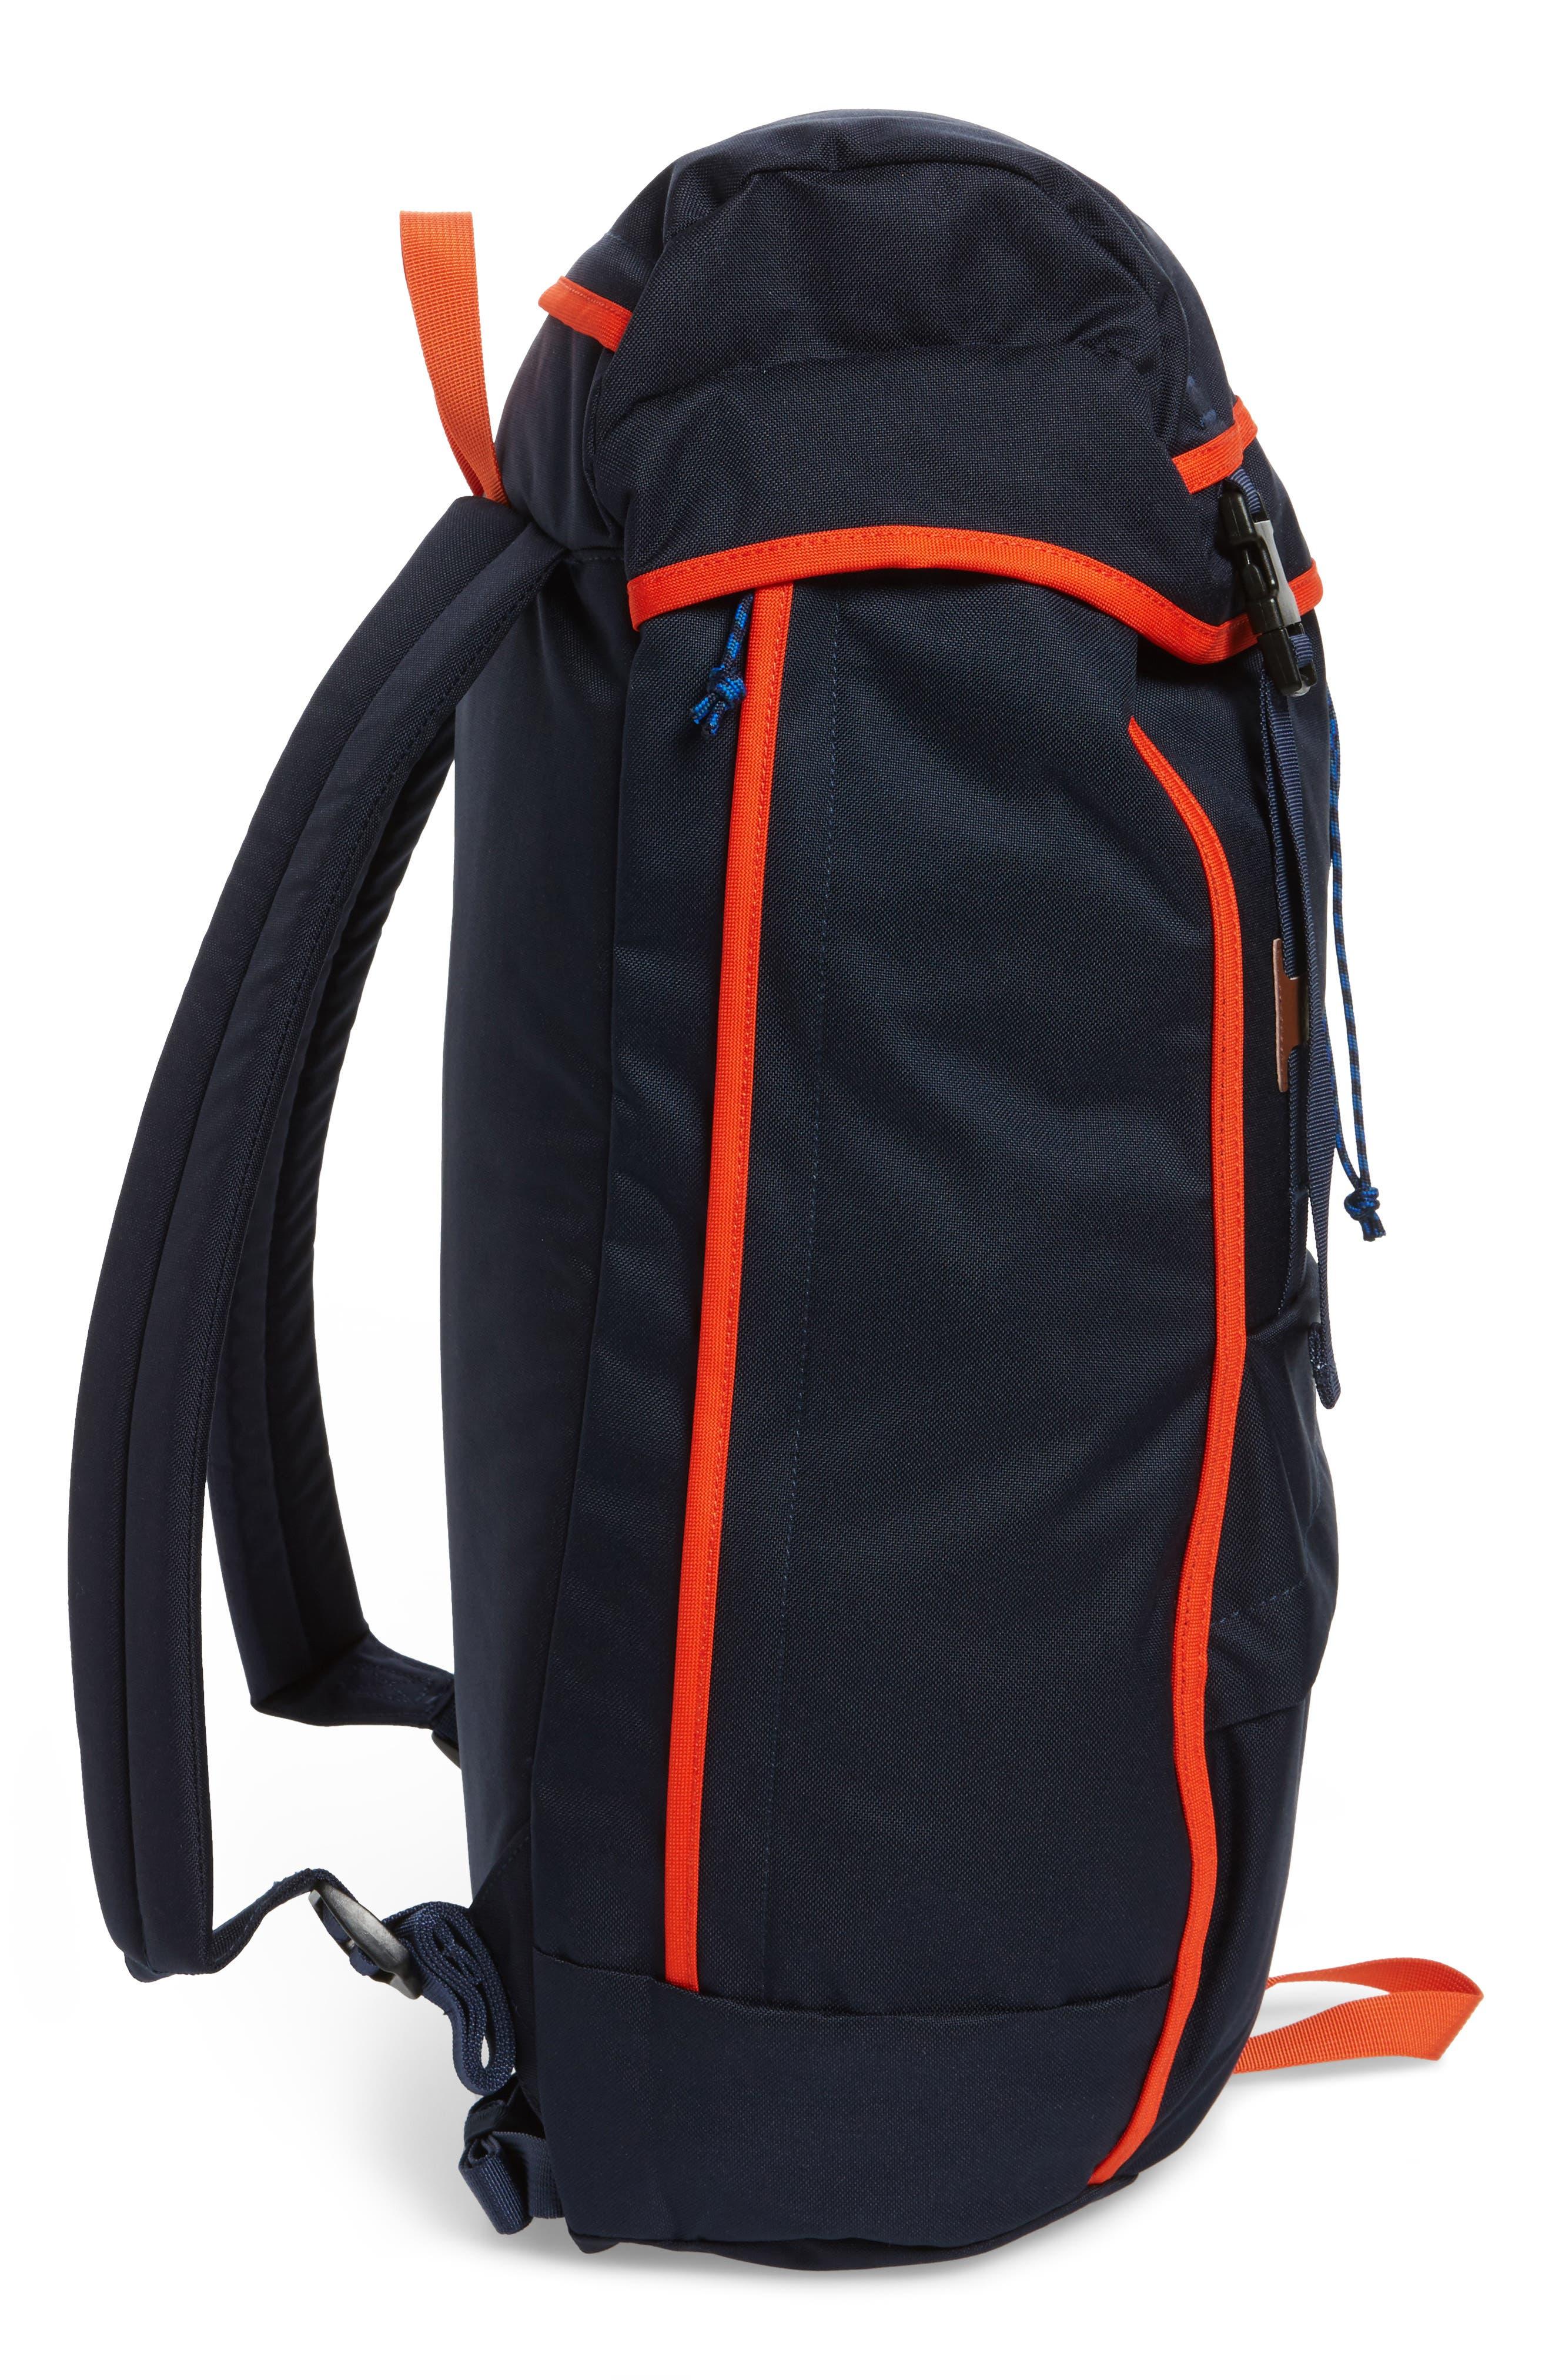 Arbor Grande 32-Liter Backpack,                             Alternate thumbnail 5, color,                             Navy Blue/ Paintbrush Red